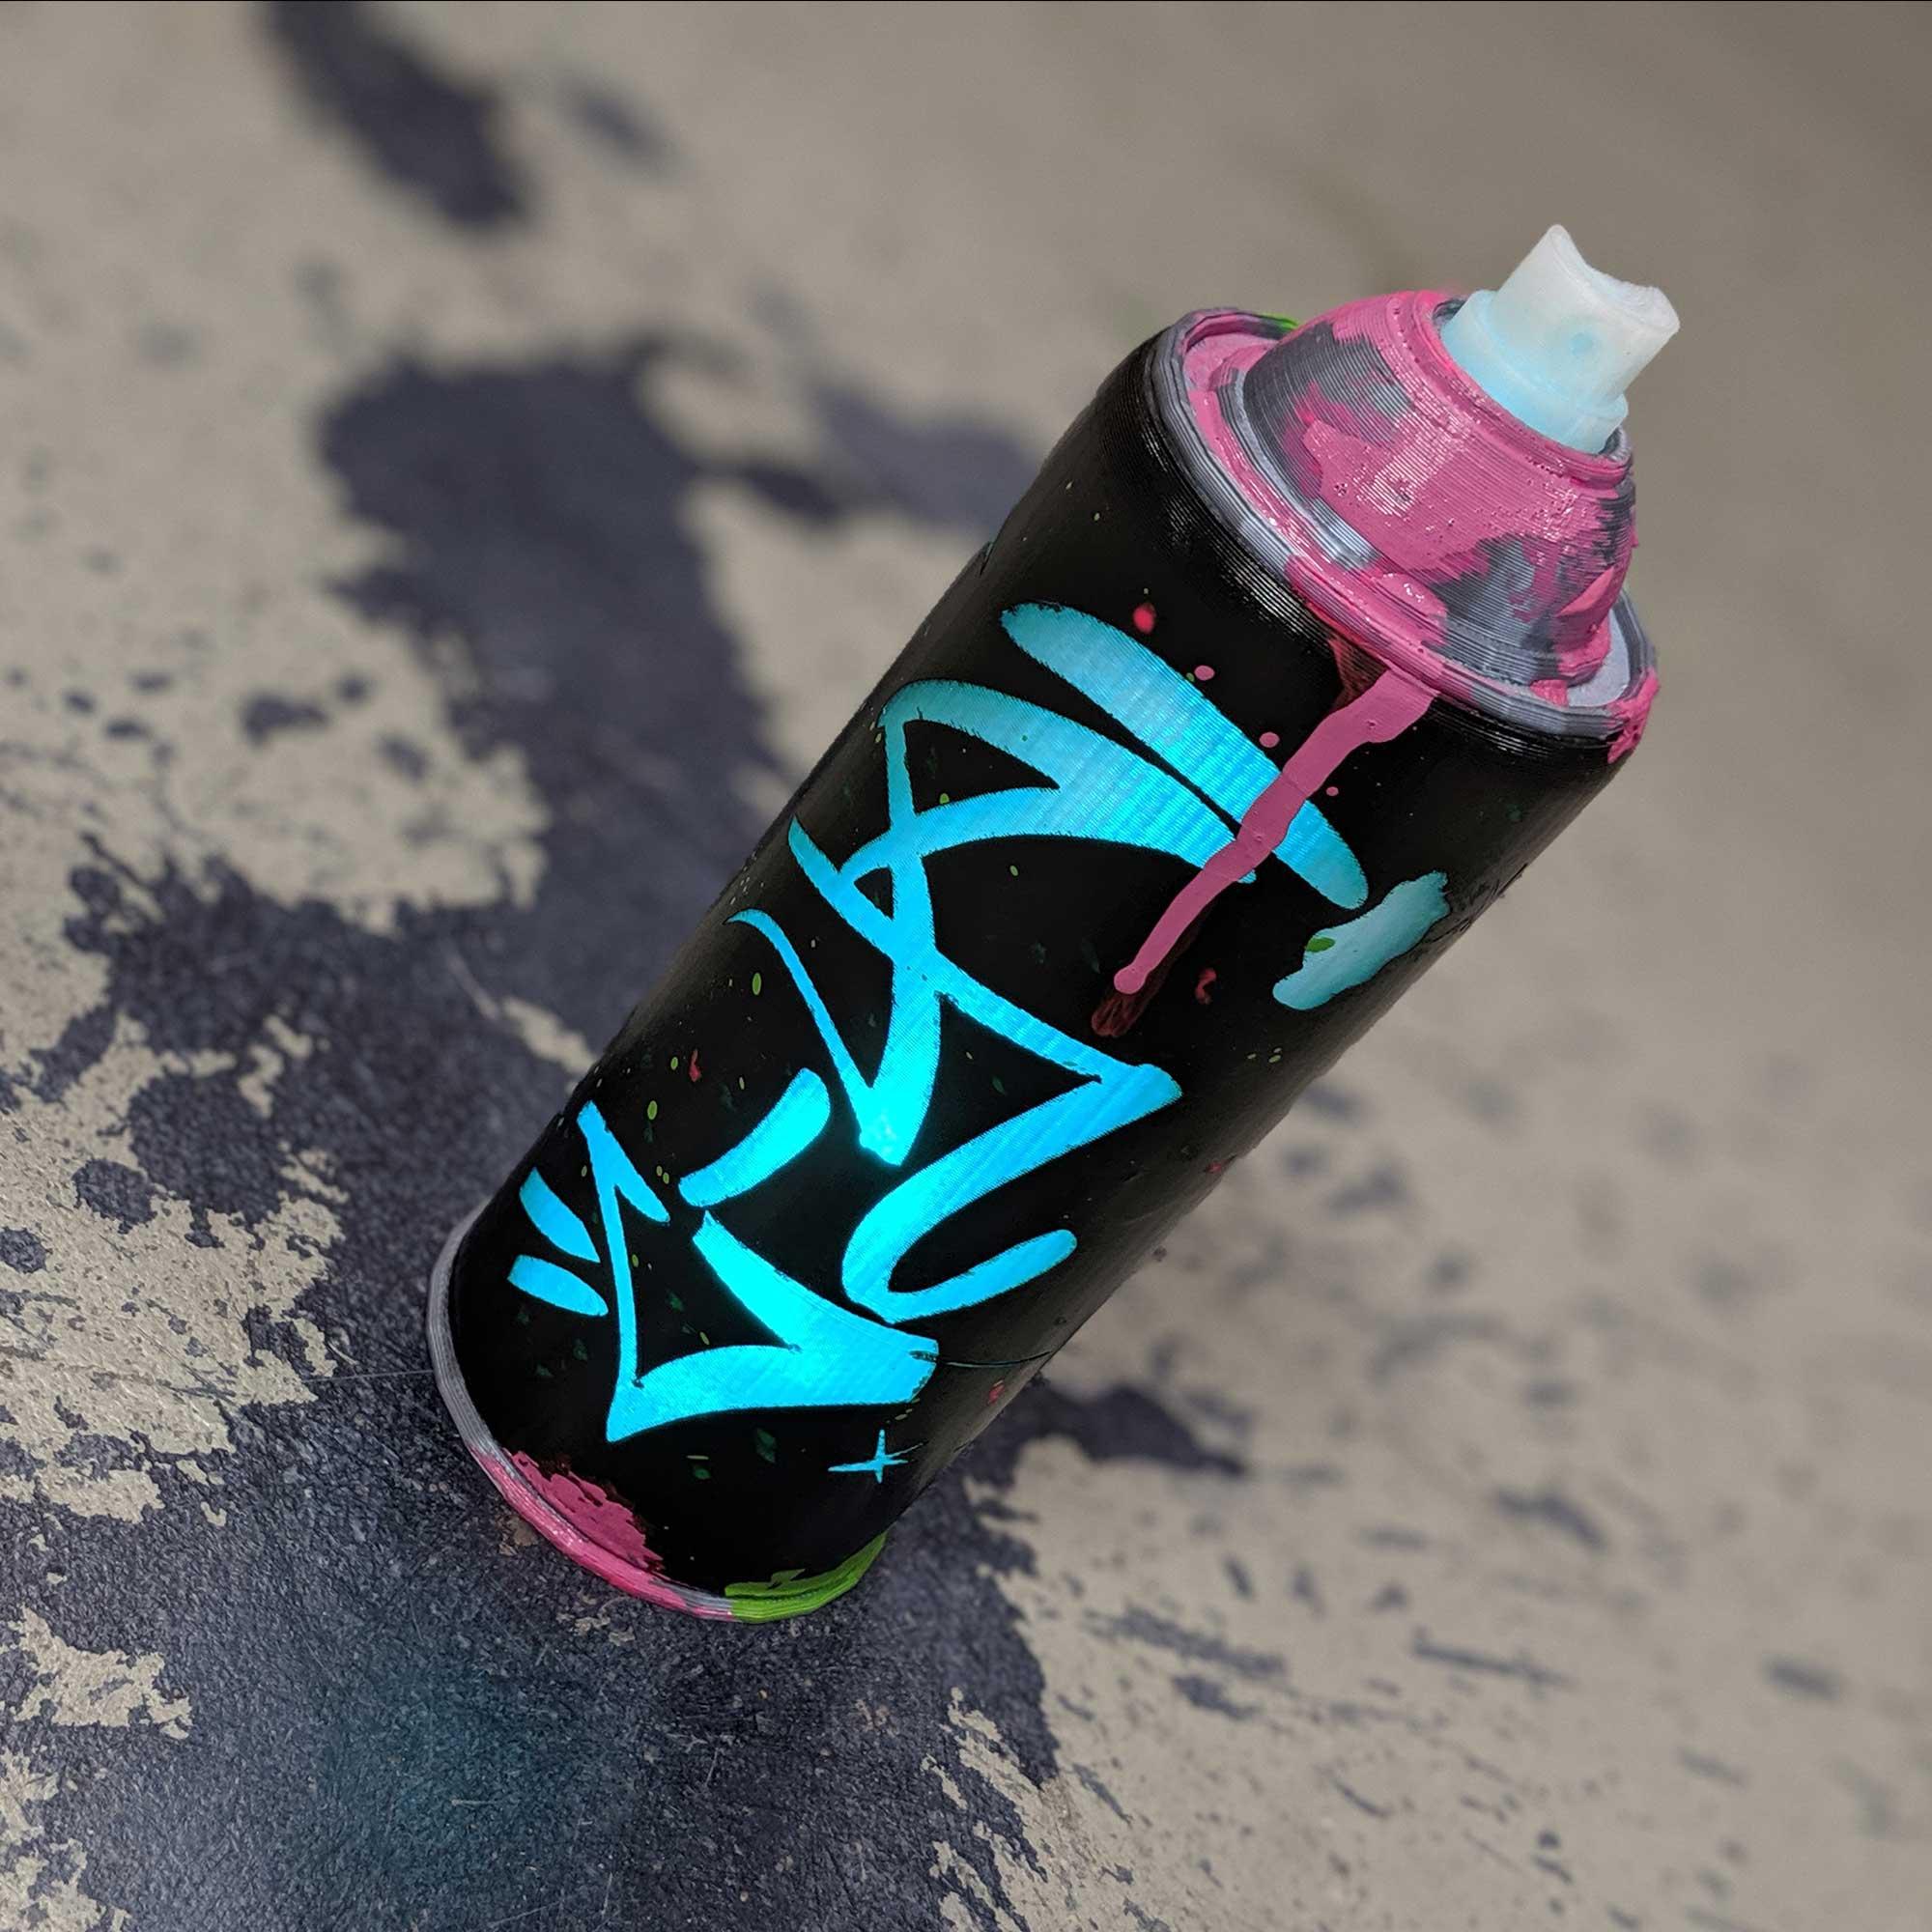 KDA Akali Light up Spray Can DIY kit